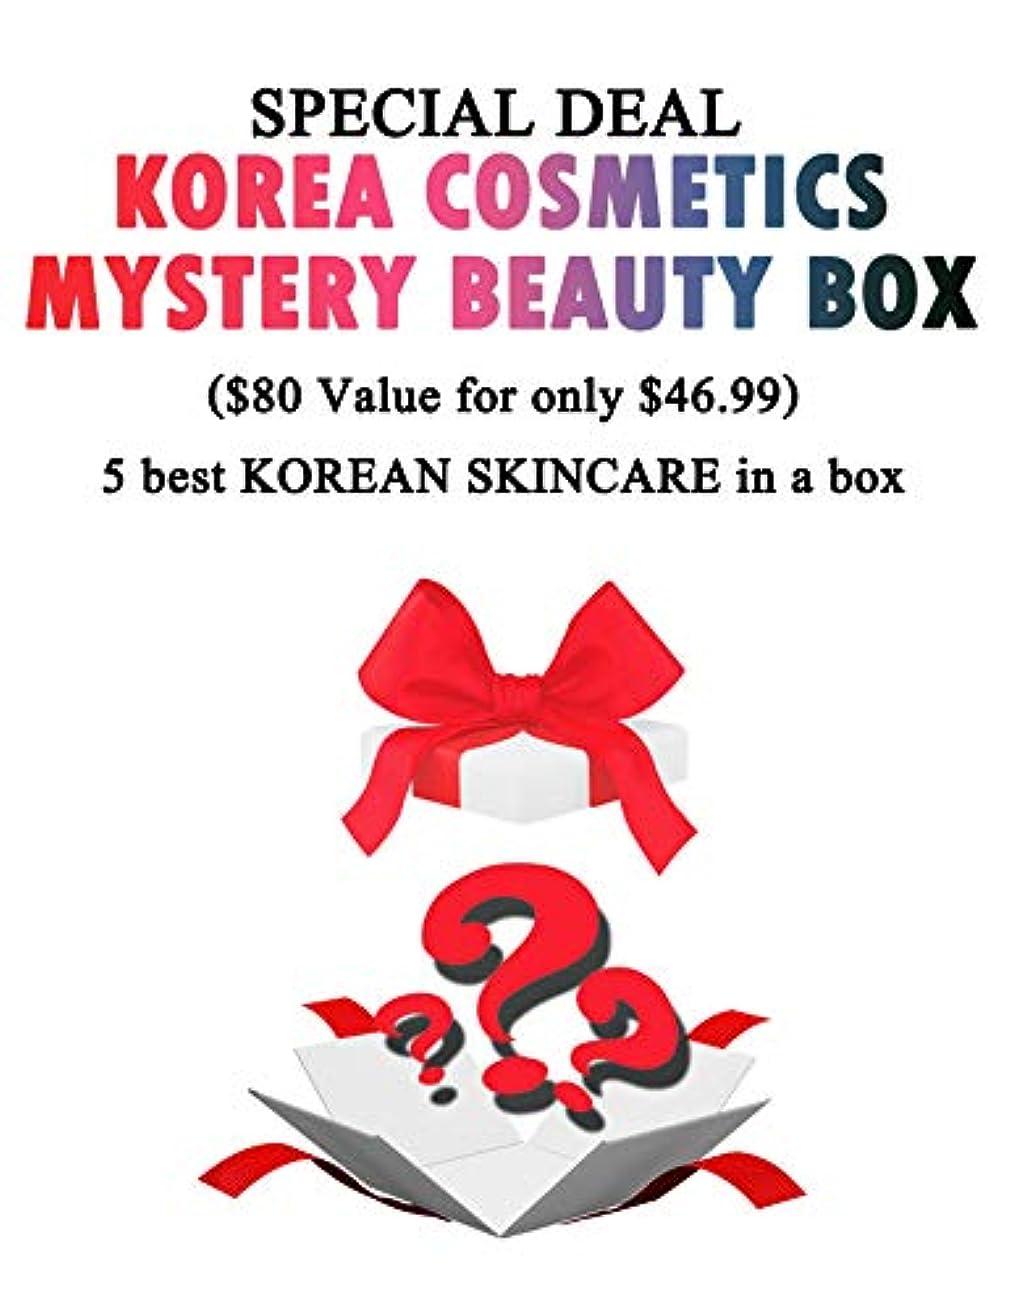 機関車肥沃な高尚なMystery Beauty Box ミステリービューティーボックス 5 Best Korean Skincare Products in a Box 韓国コスメ スキンケア 5EA Surprise Gift box